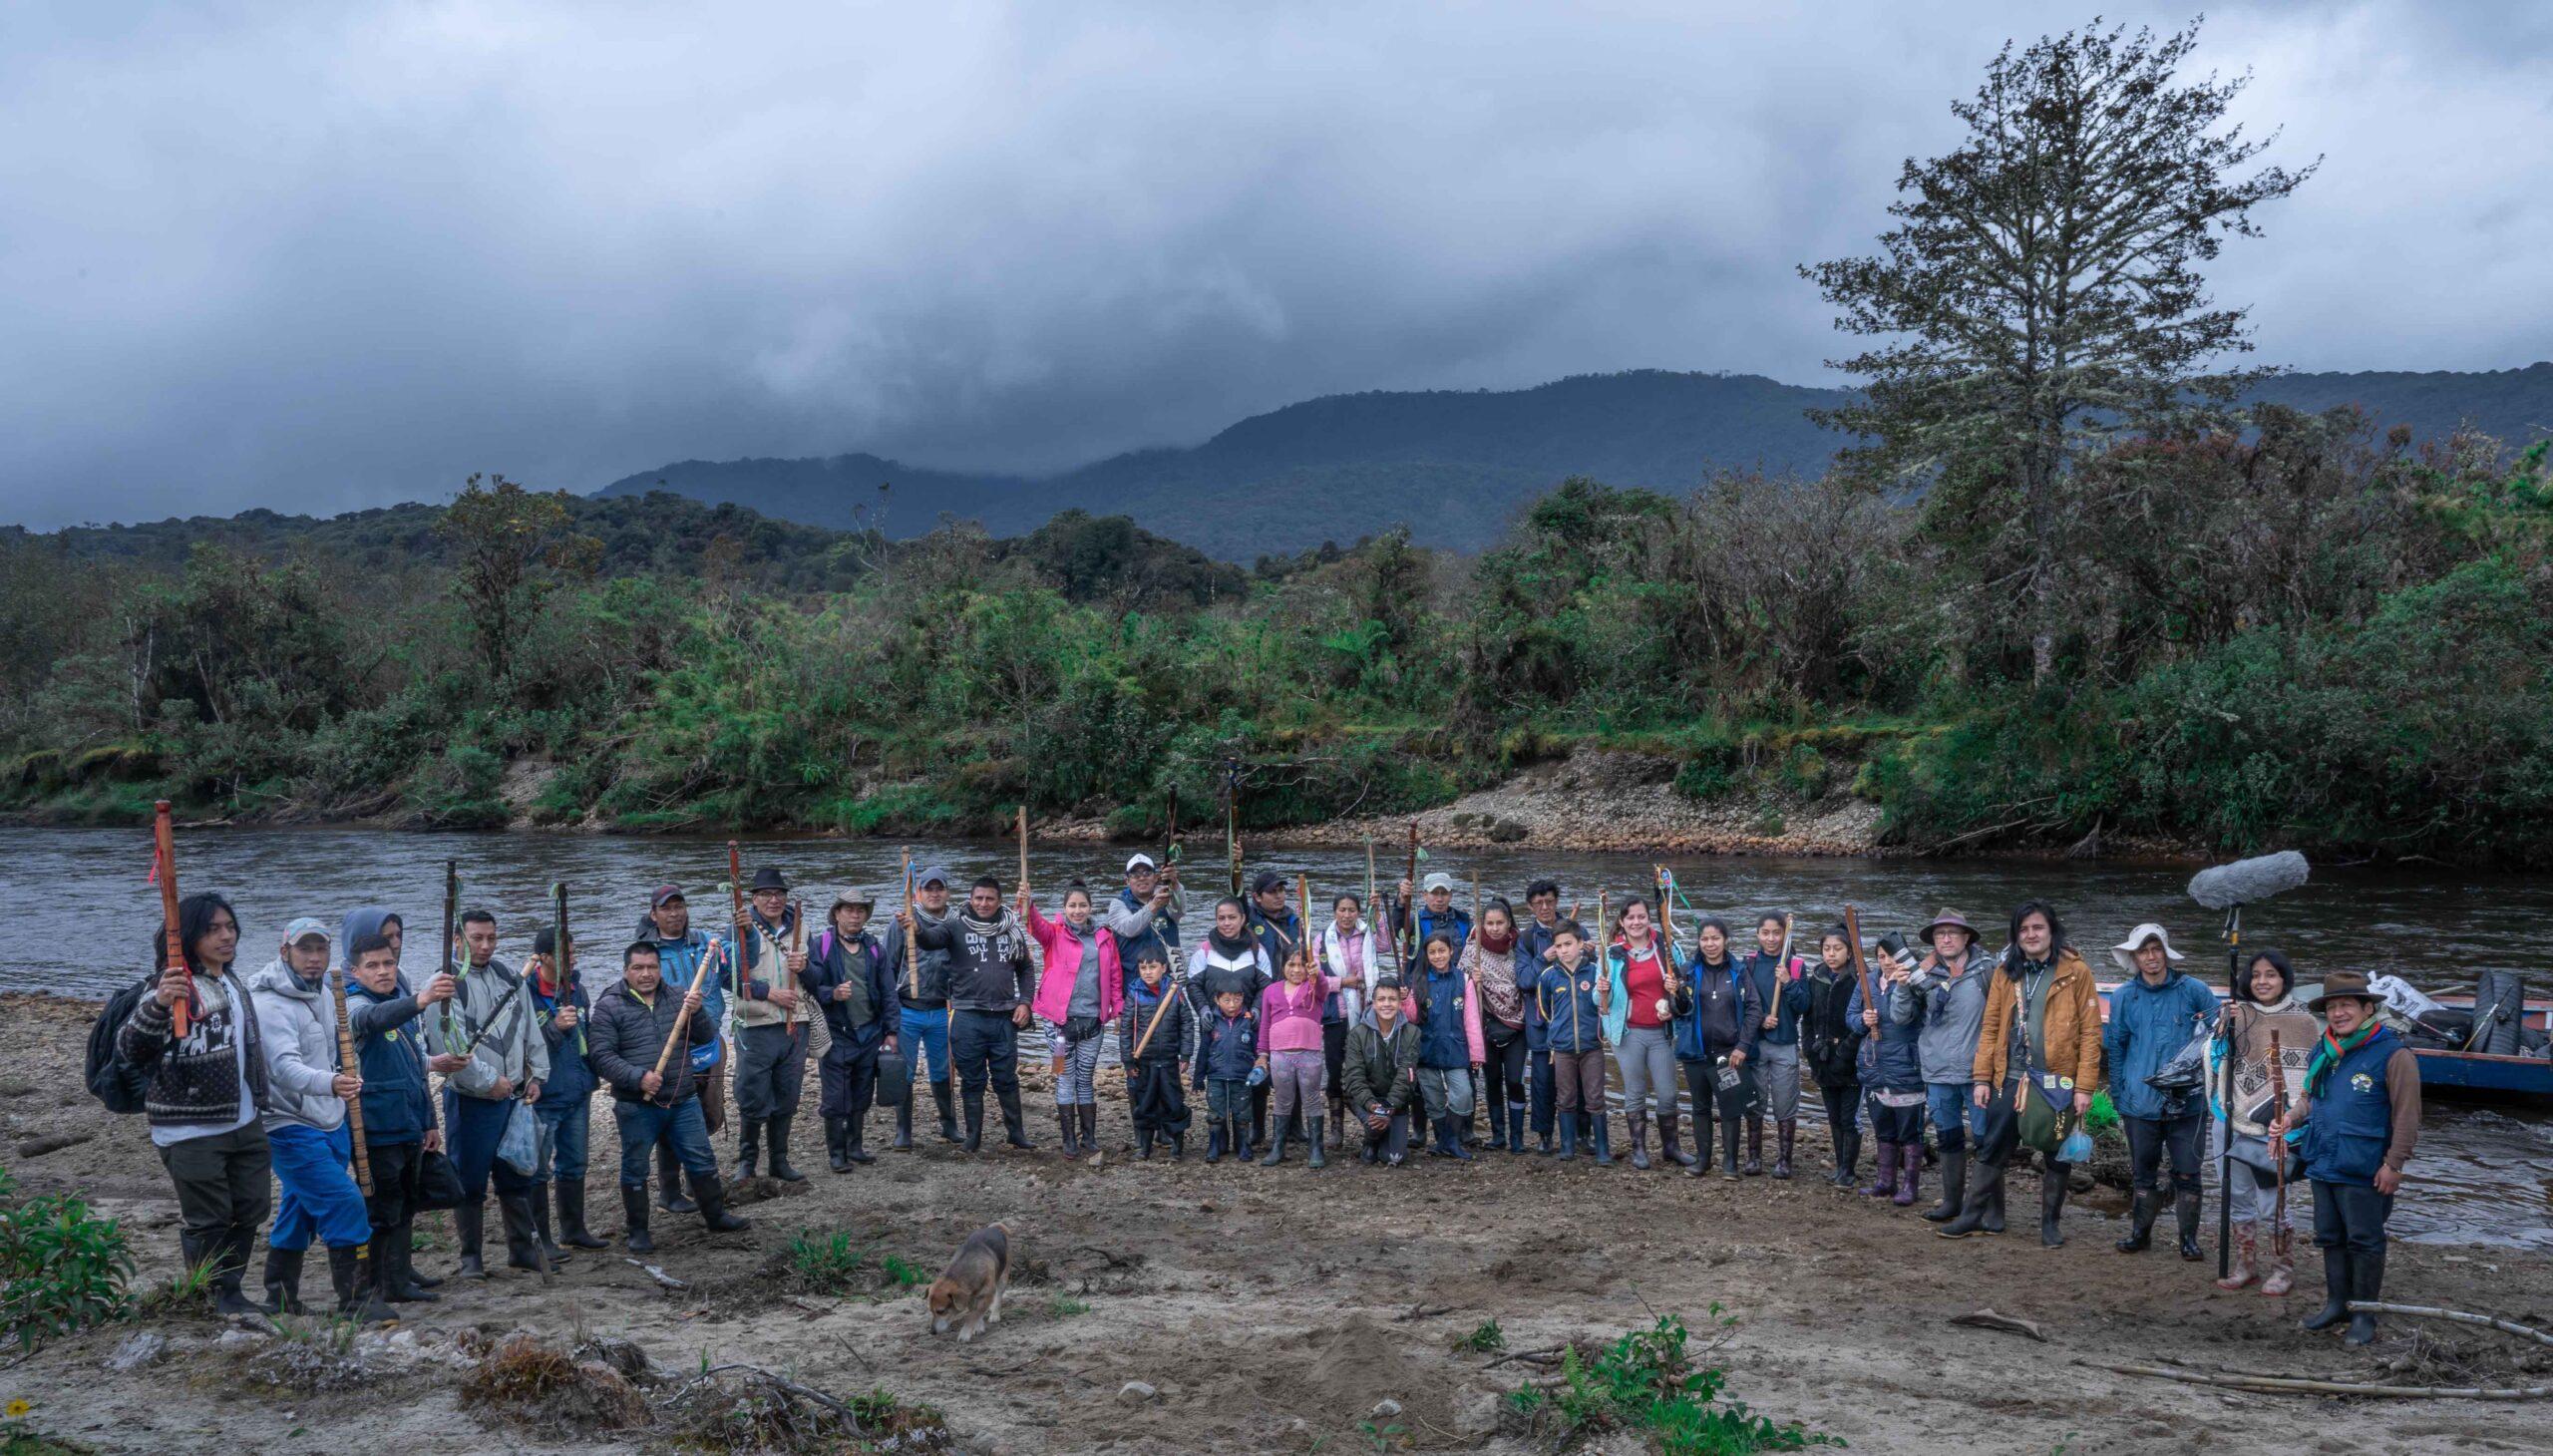 un documental hecho por indigenas el buen vivir foto 1 31 scaled